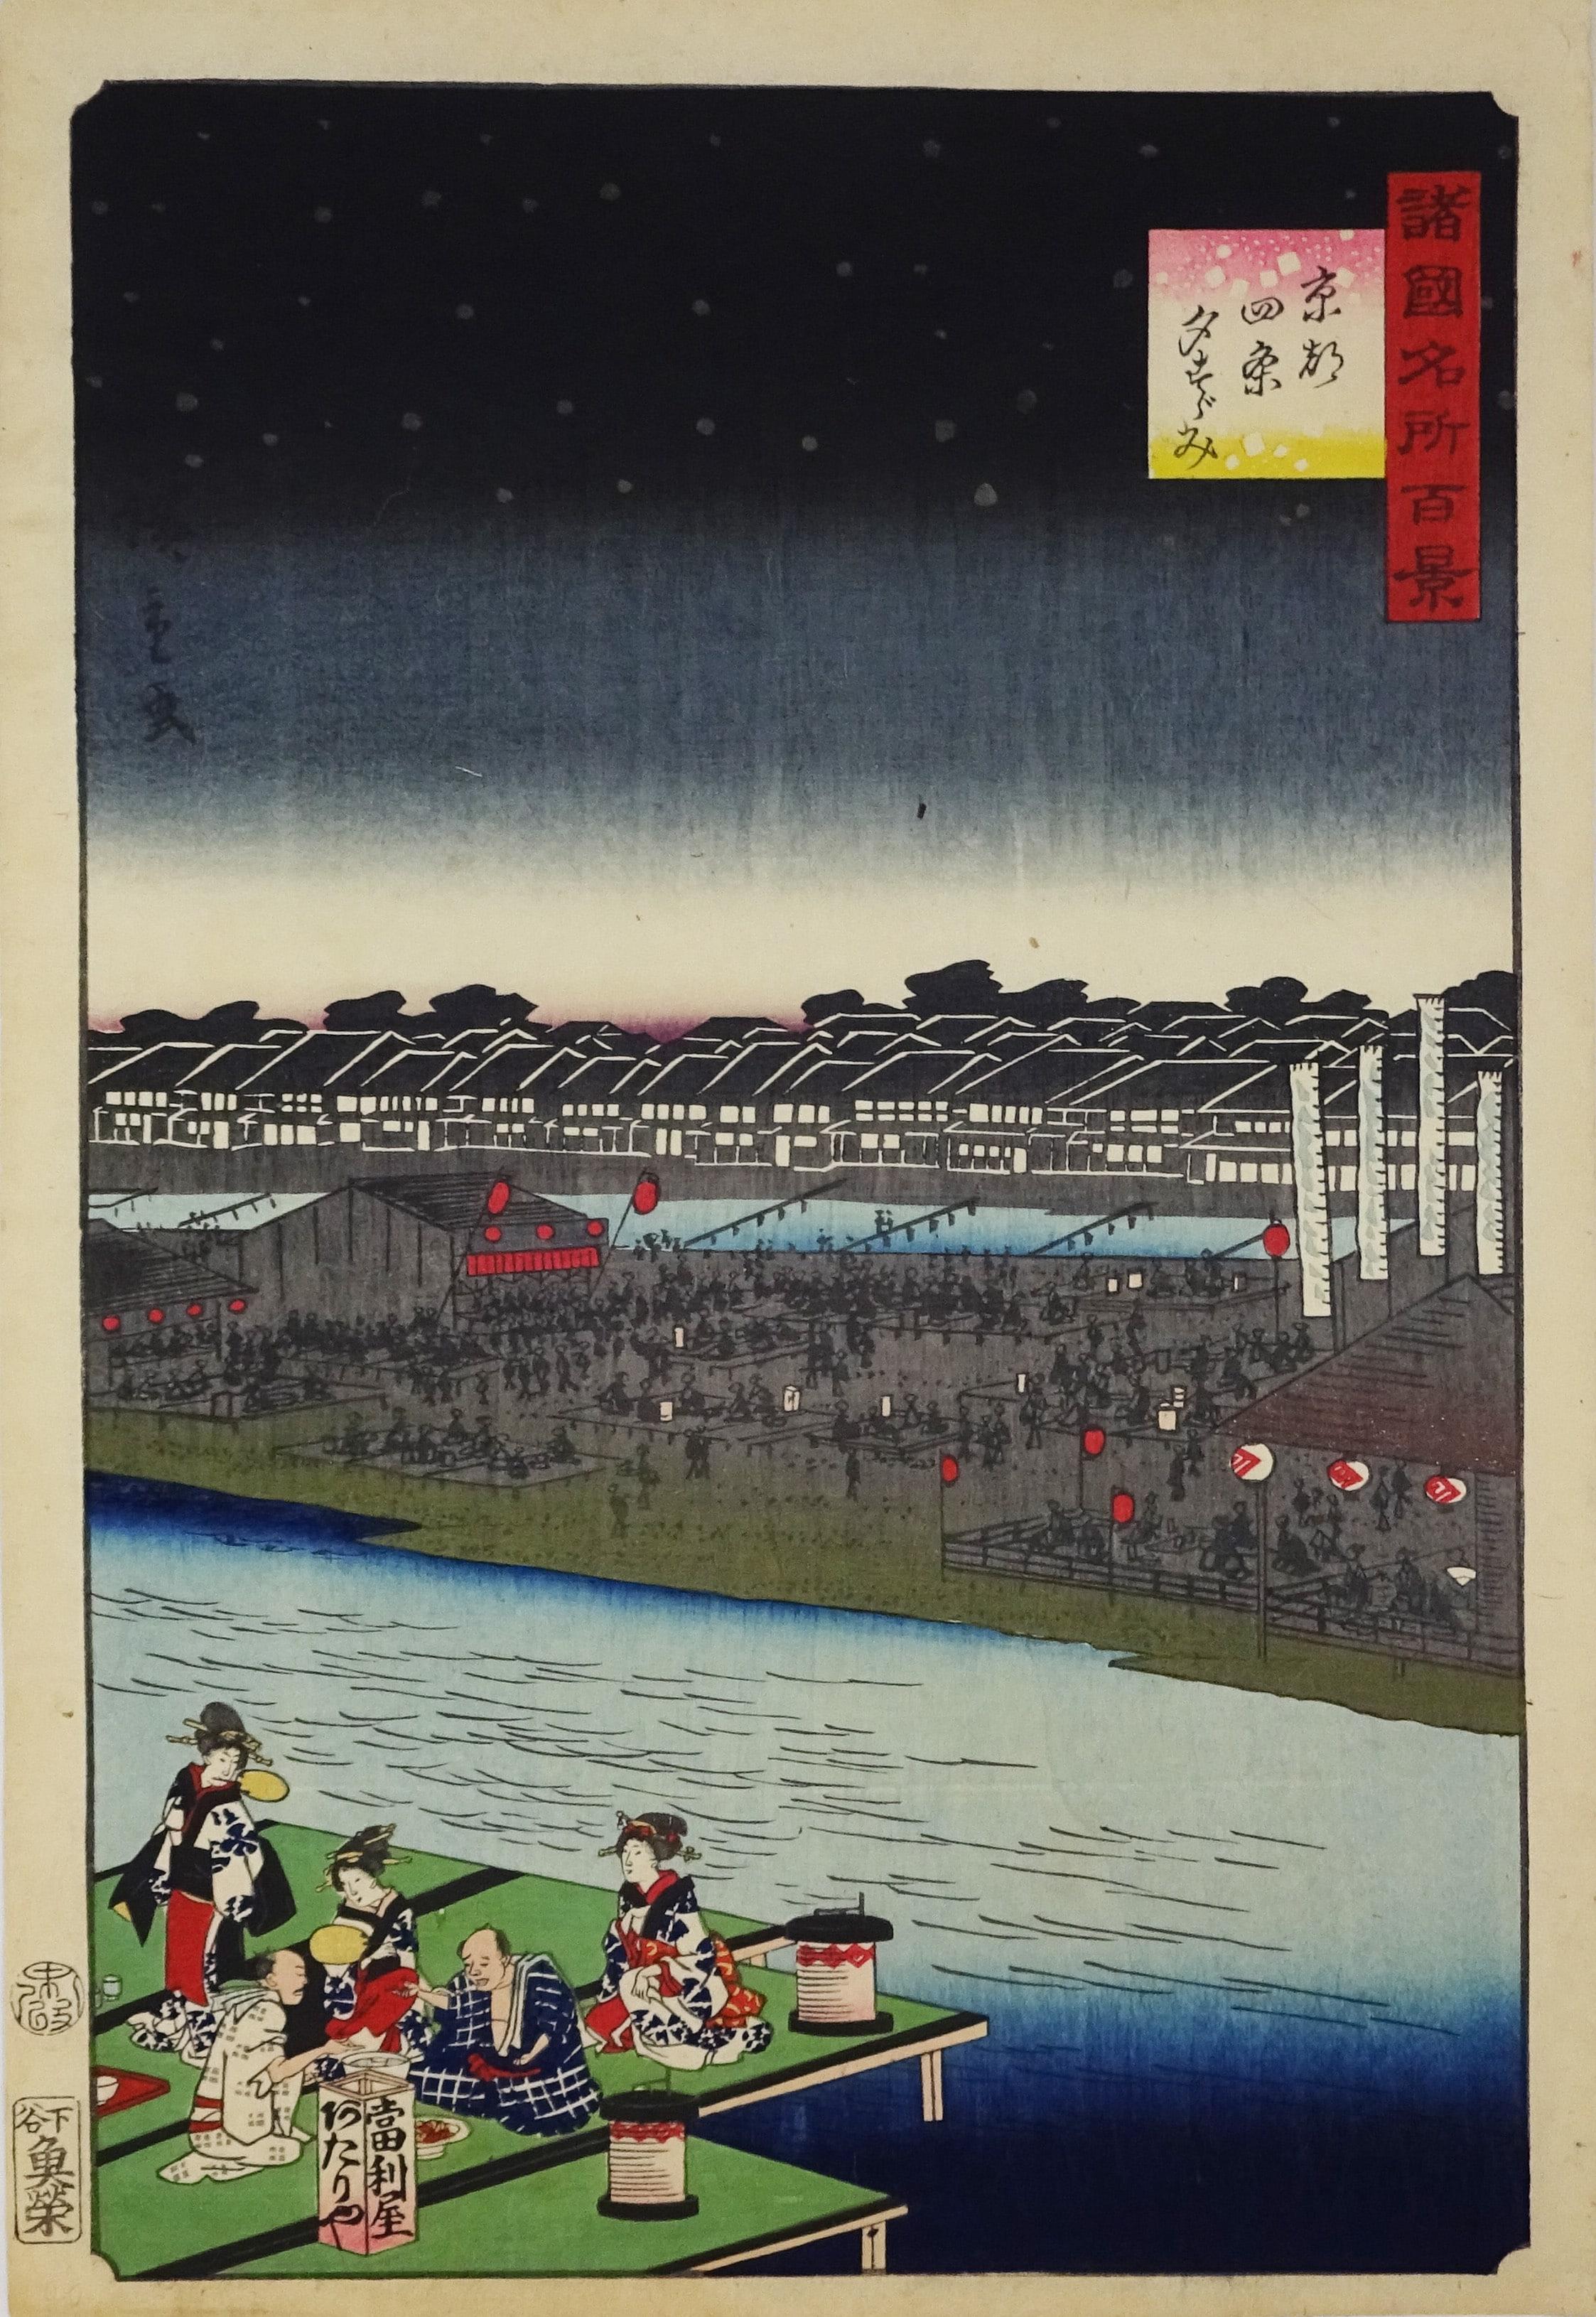 京都四条夕すずみ